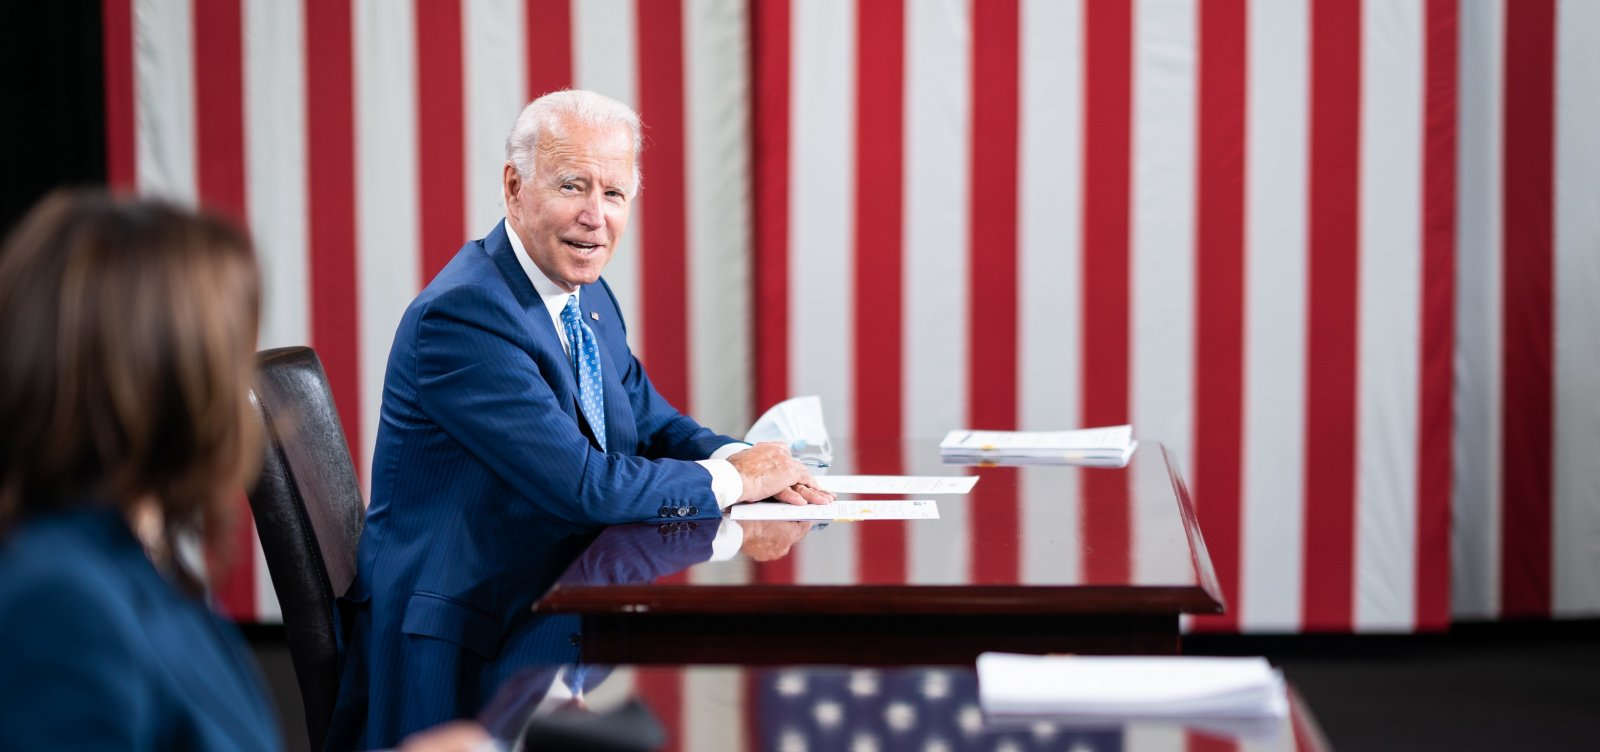 [Eleições nos EUA: Biden mantém vantagem sobre Trump, diz pesquisa]